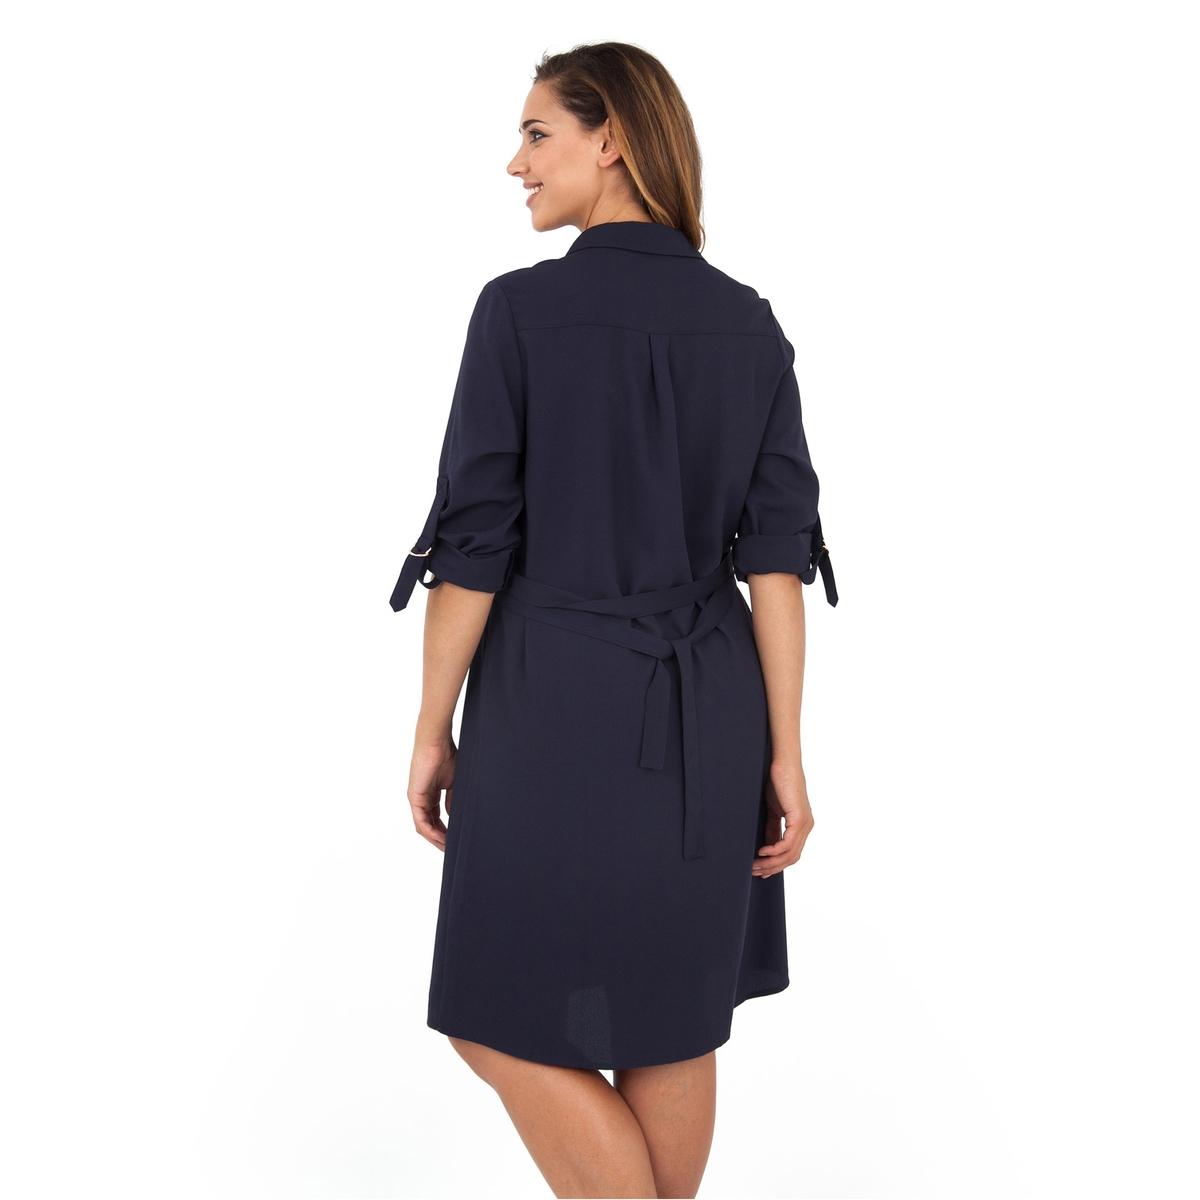 ПлатьеПлатье - LOVEDROBE. Красивое платье с рубашечным воротником и ремнем на поясе. Длина ок.104 см. 100% полиэстера. Застежка на золотистую пуговицу спереди.<br><br>Цвет: темно-синий<br>Размер: 54/56 (FR) - 60/62 (RUS)